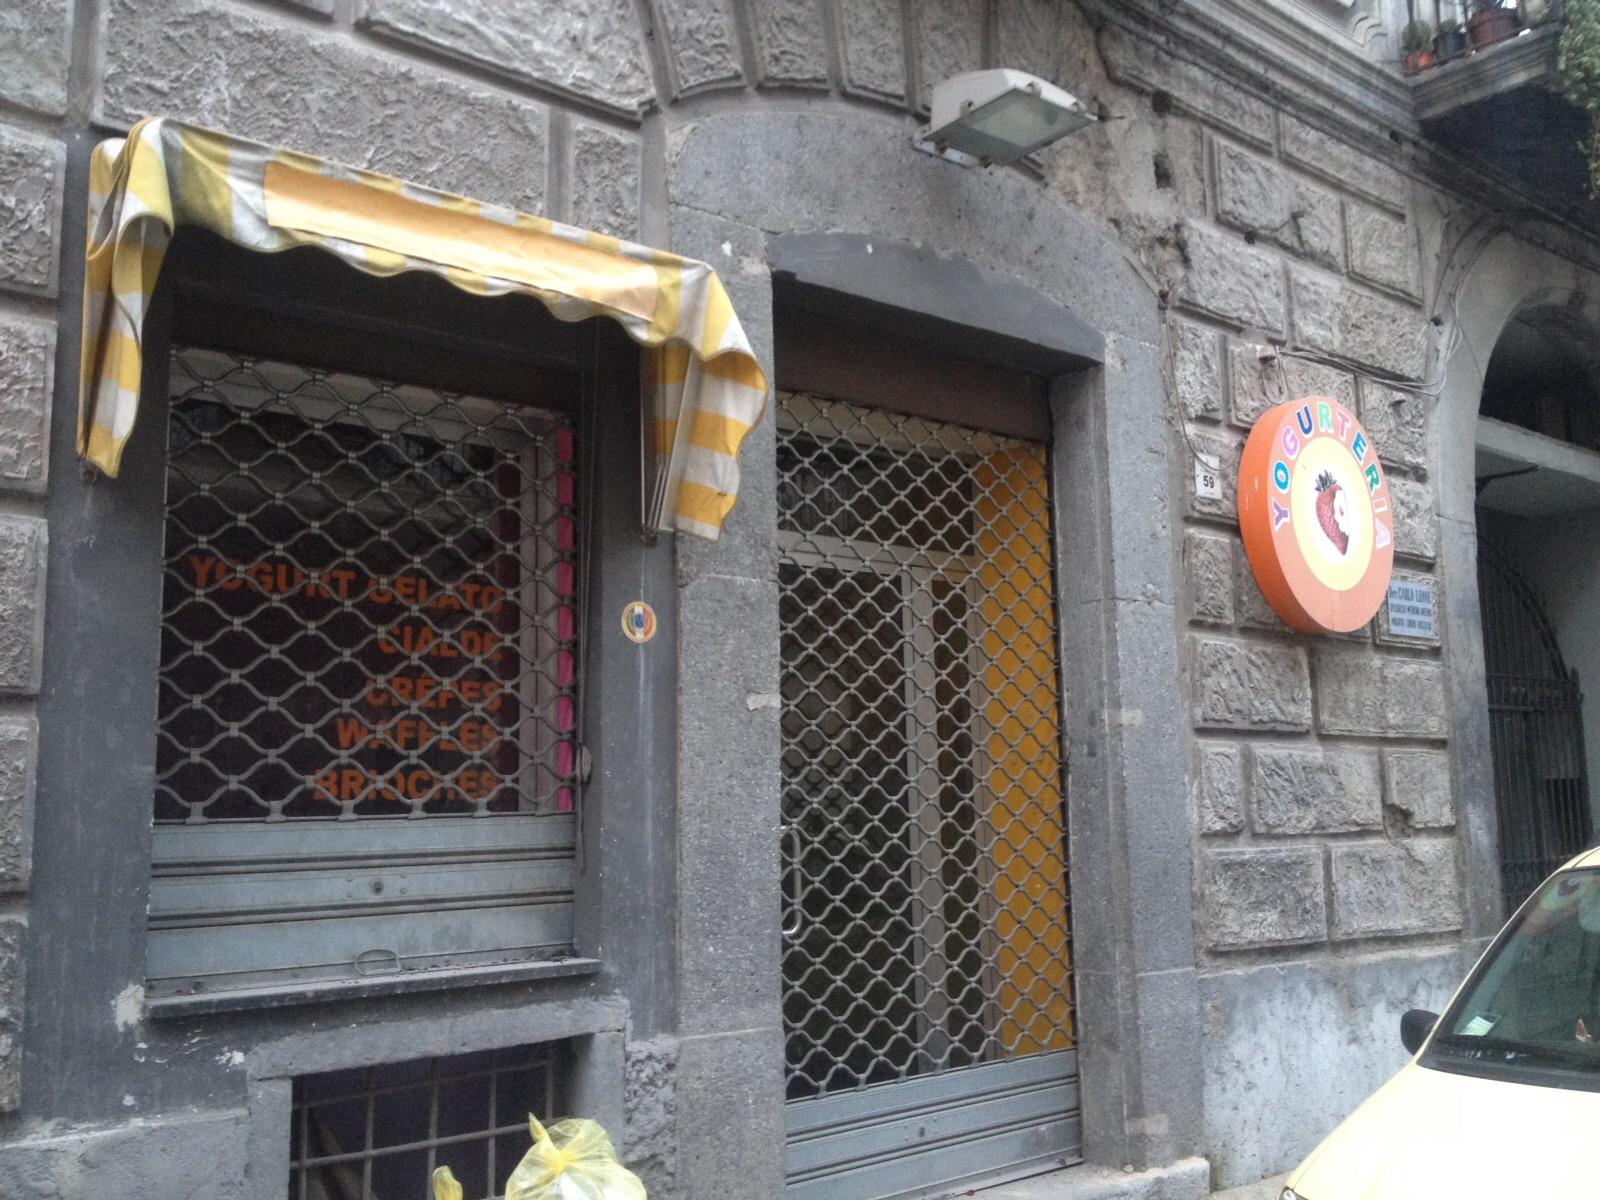 Negozio / Locale in vendita a San Giuseppe Vesuviano, 9999 locali, prezzo € 40.000 | CambioCasa.it